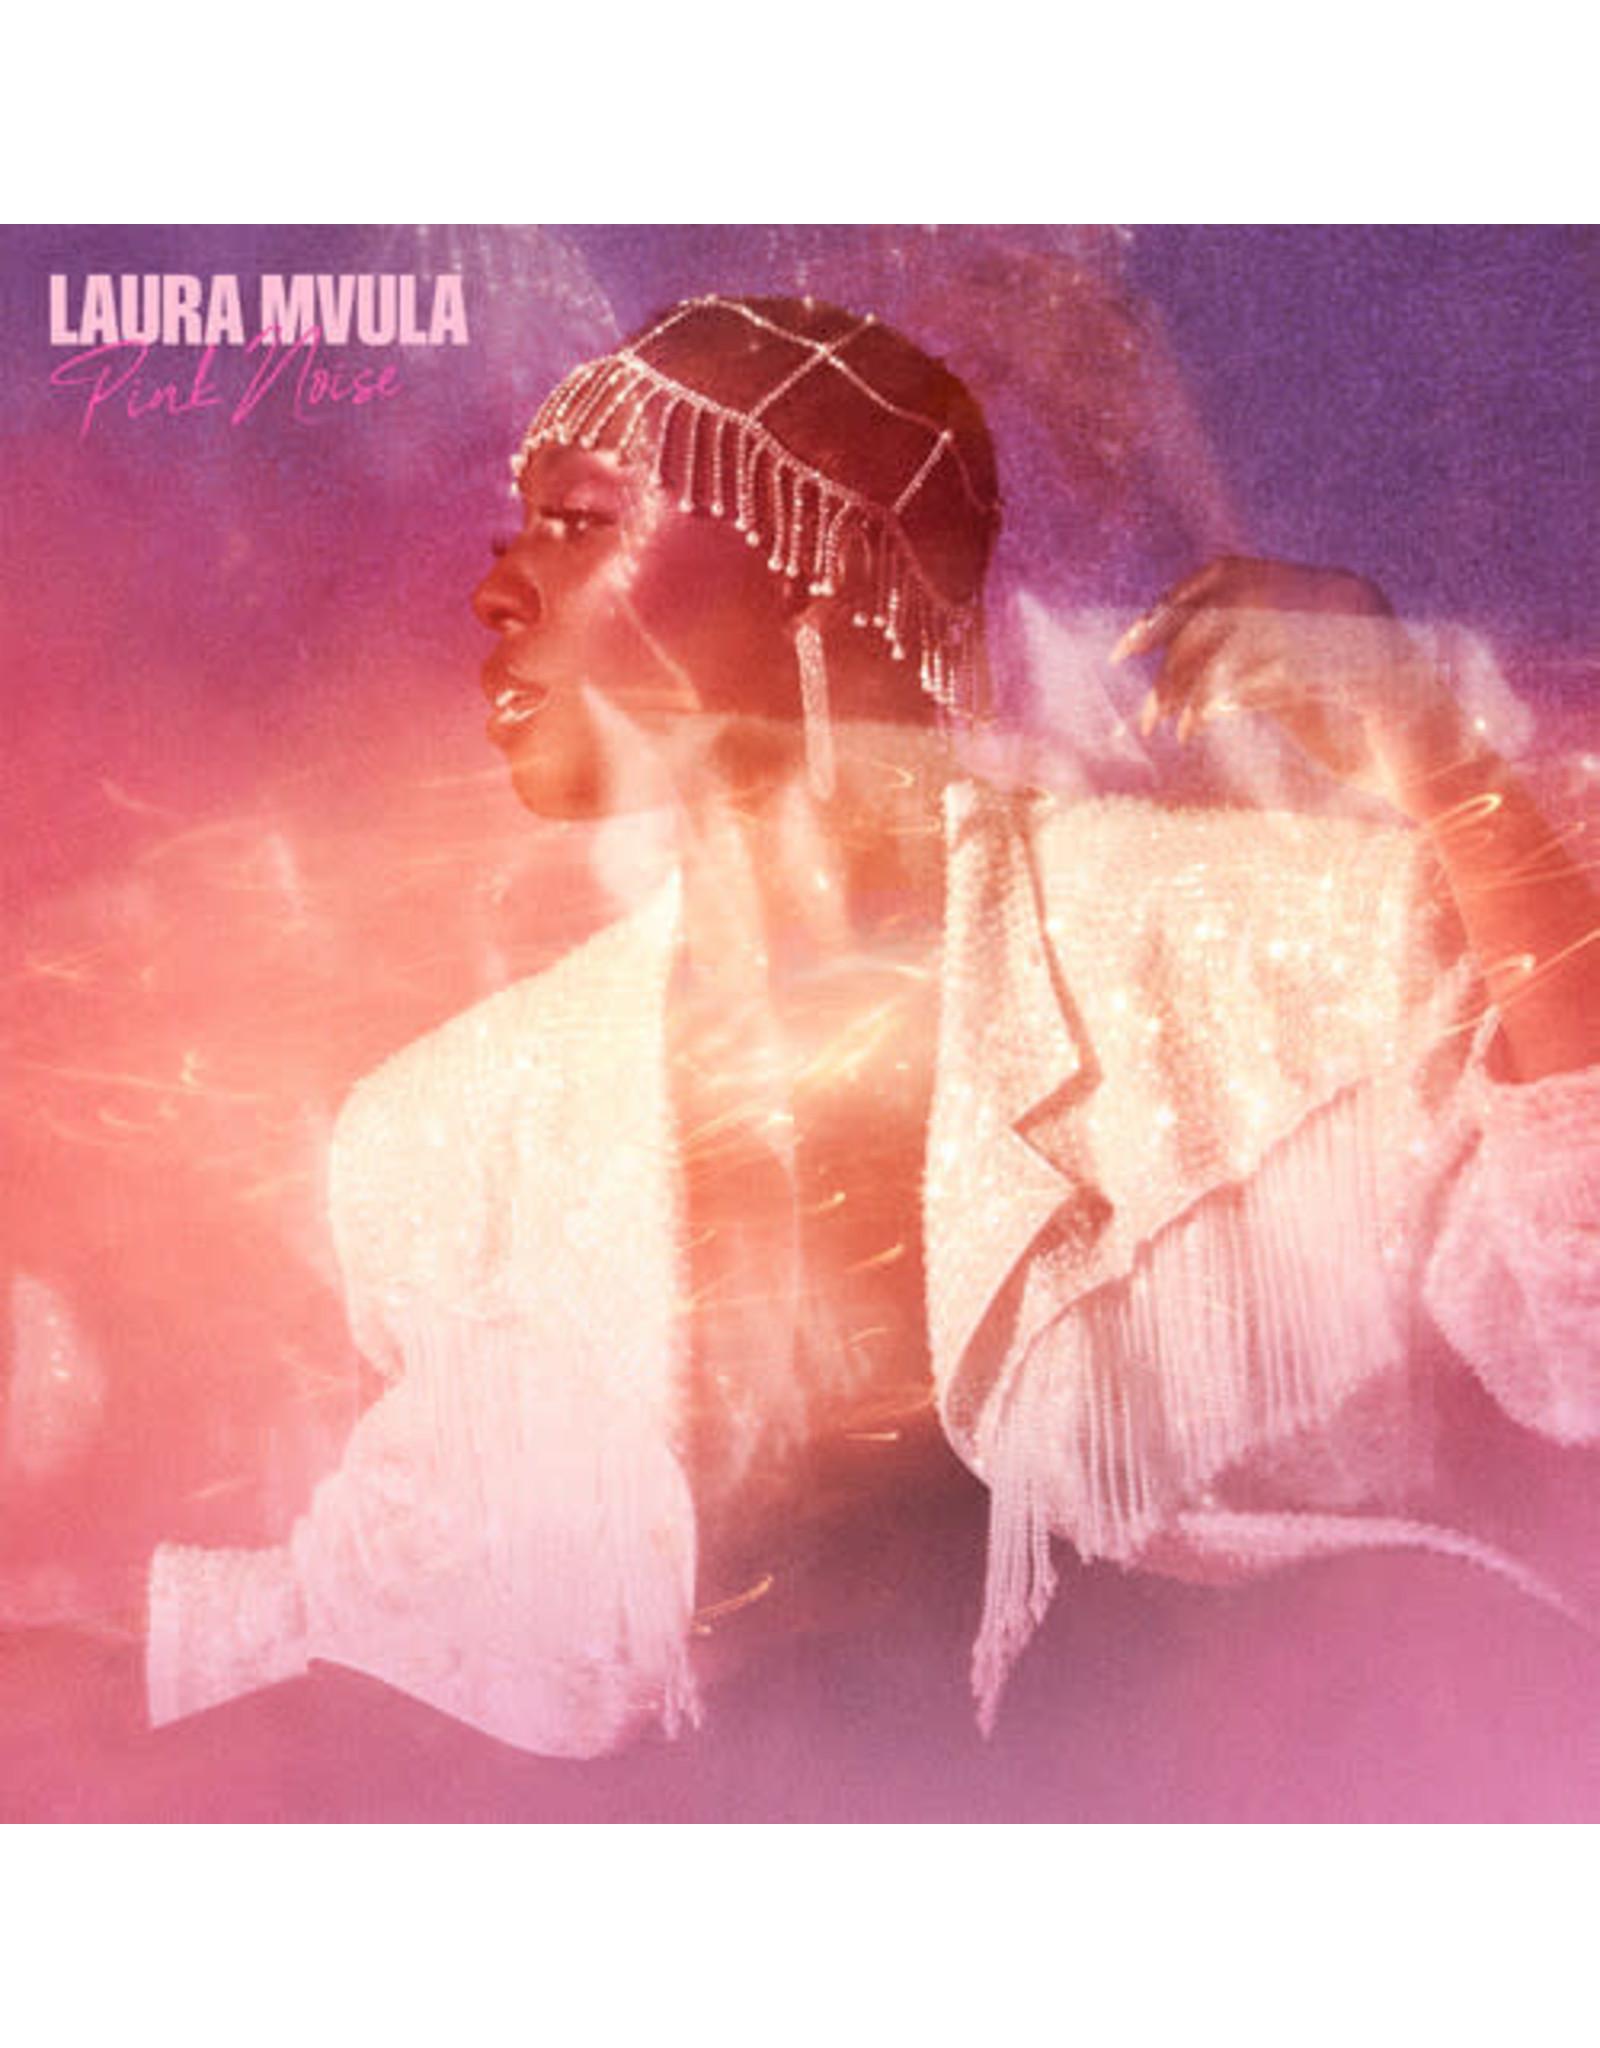 New Vinyl Laura Mvula - Pink Noise LP